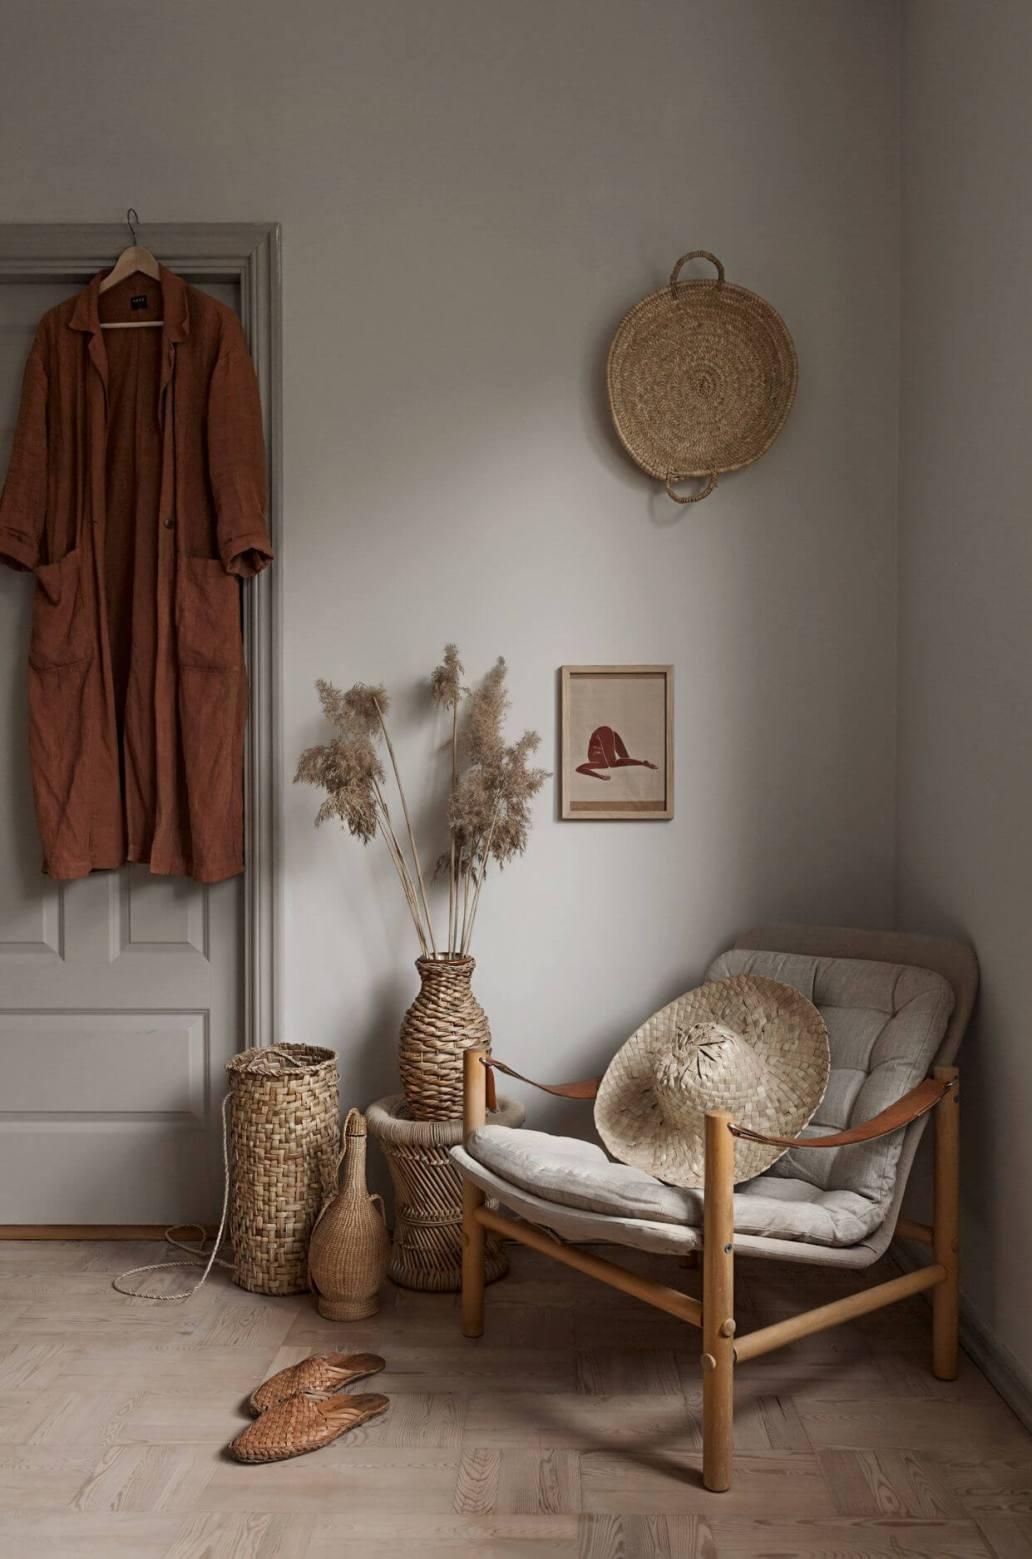 choisir des matieres naturelles 1 6119793 - Tendances meubles et décoration 2021 : le grand décryptage